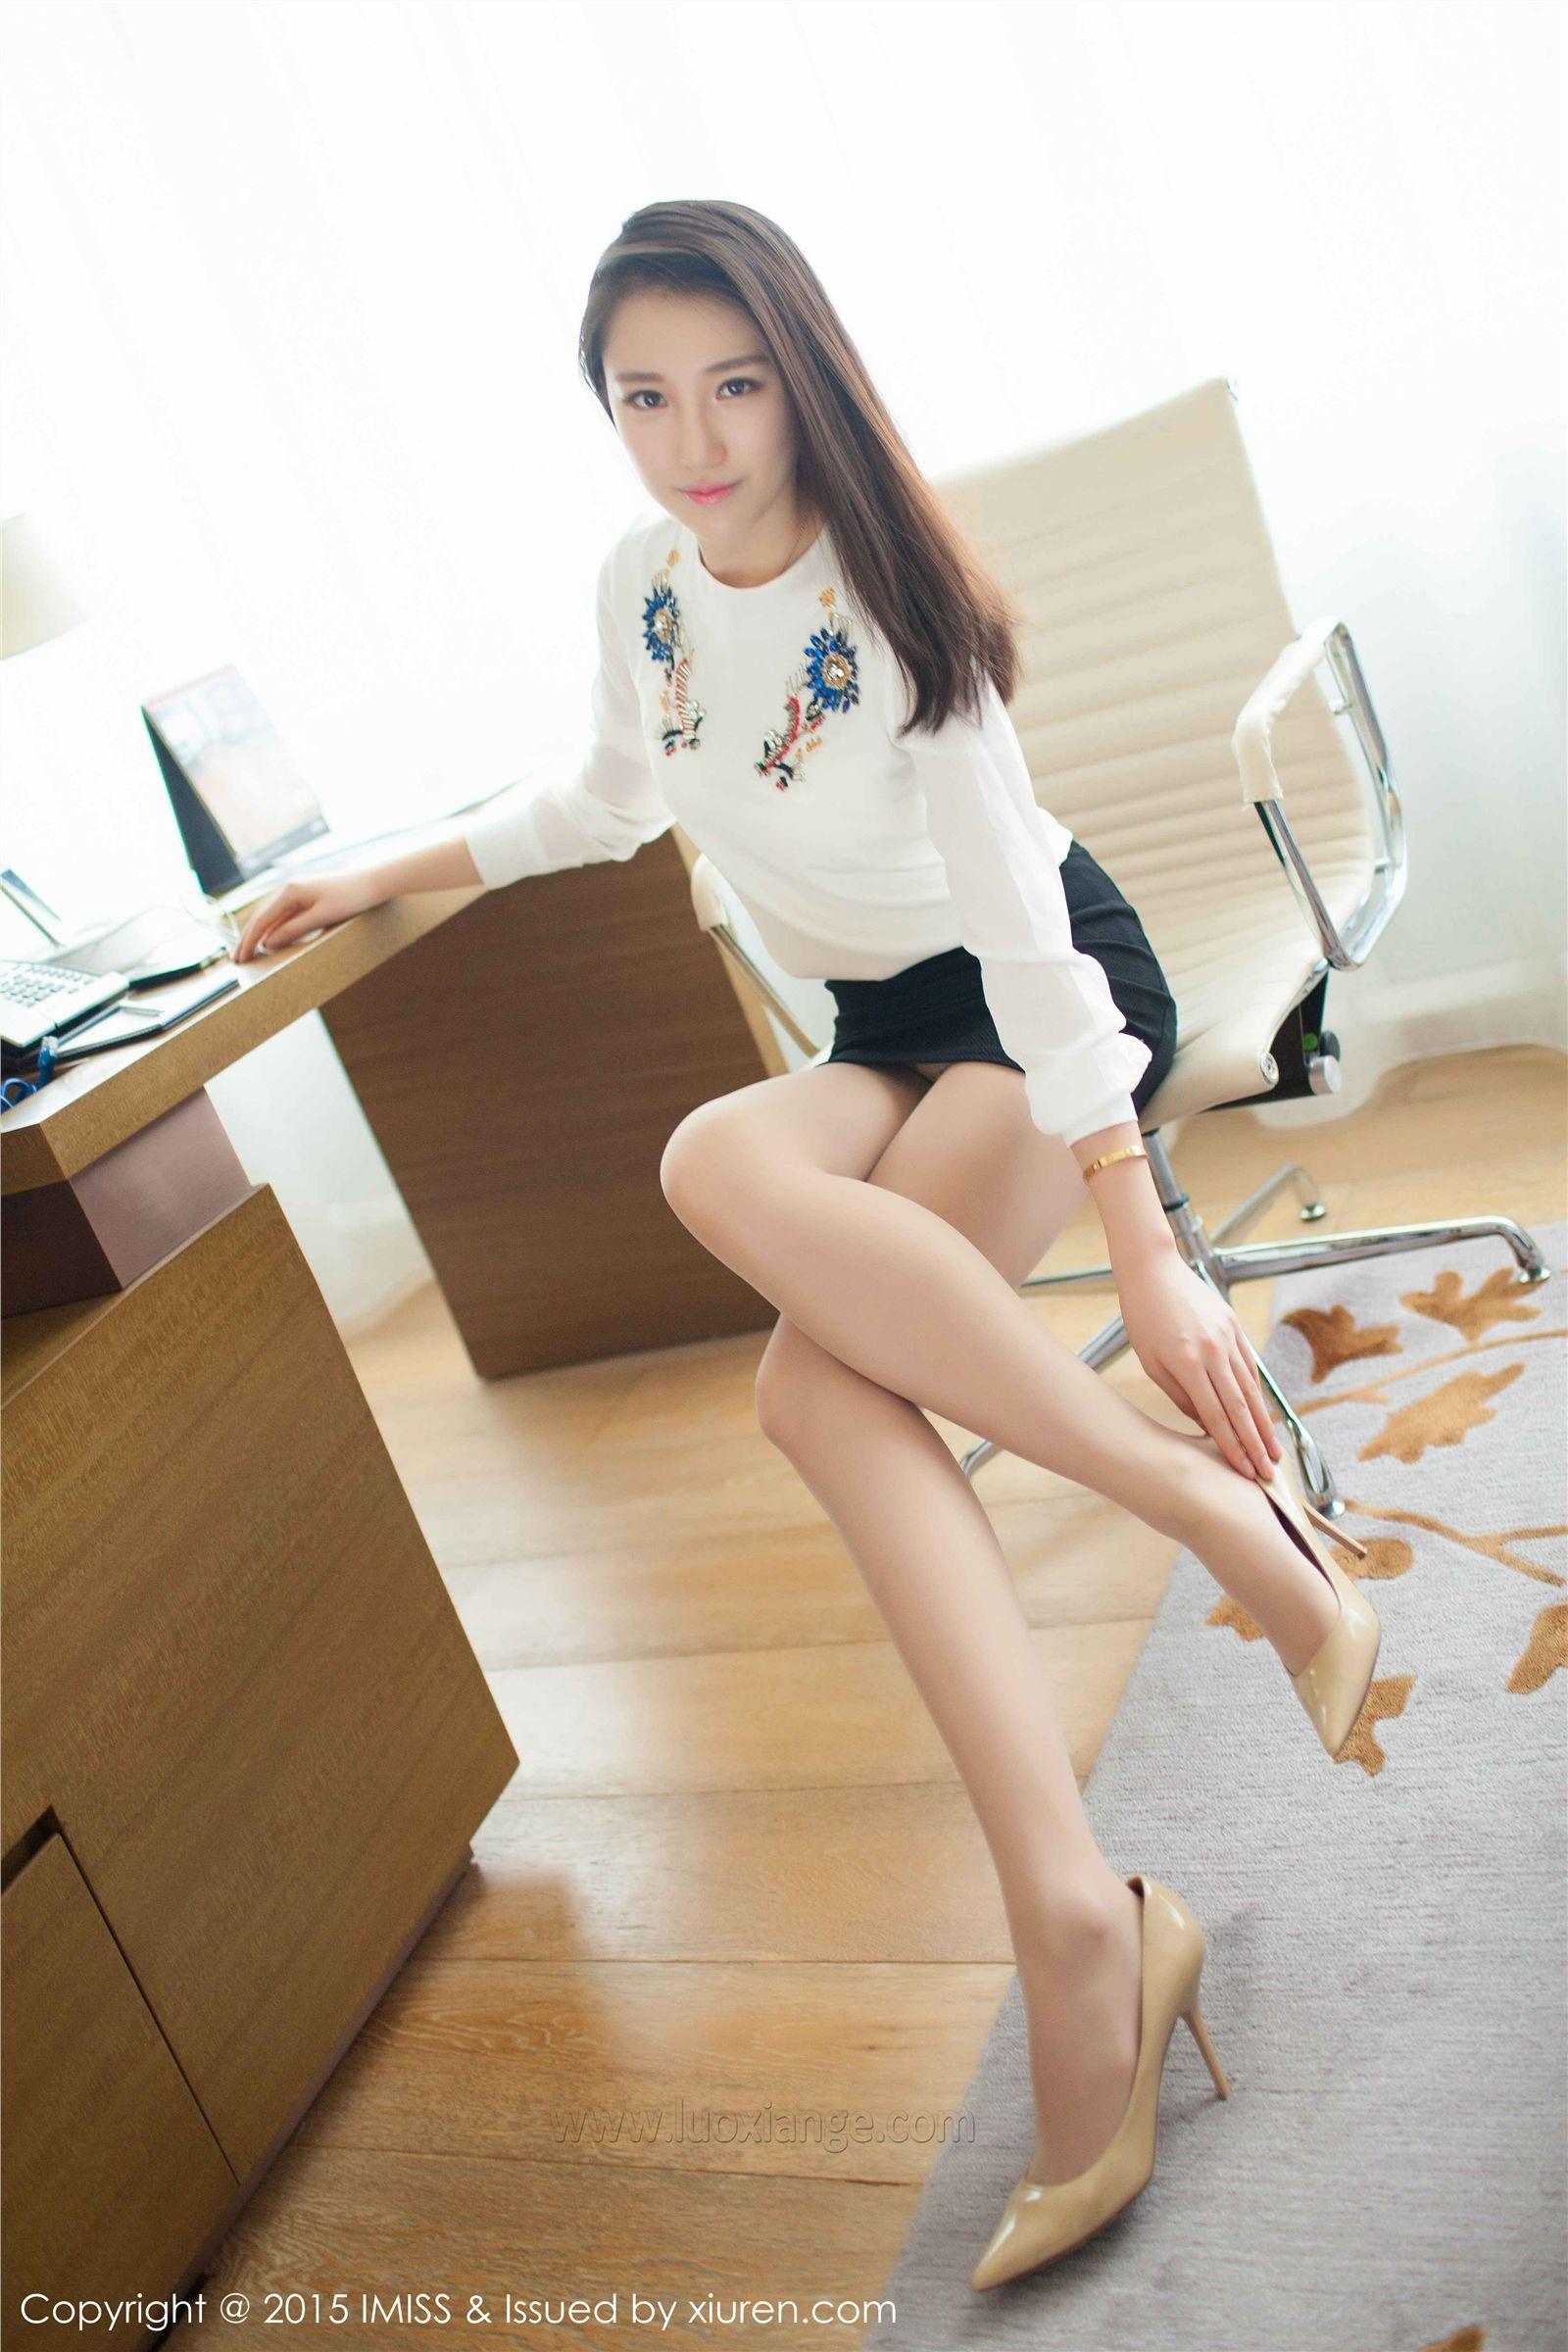 987彩票官网下载-软件 【ybvip4187.com】-华中华东-上海市-全部